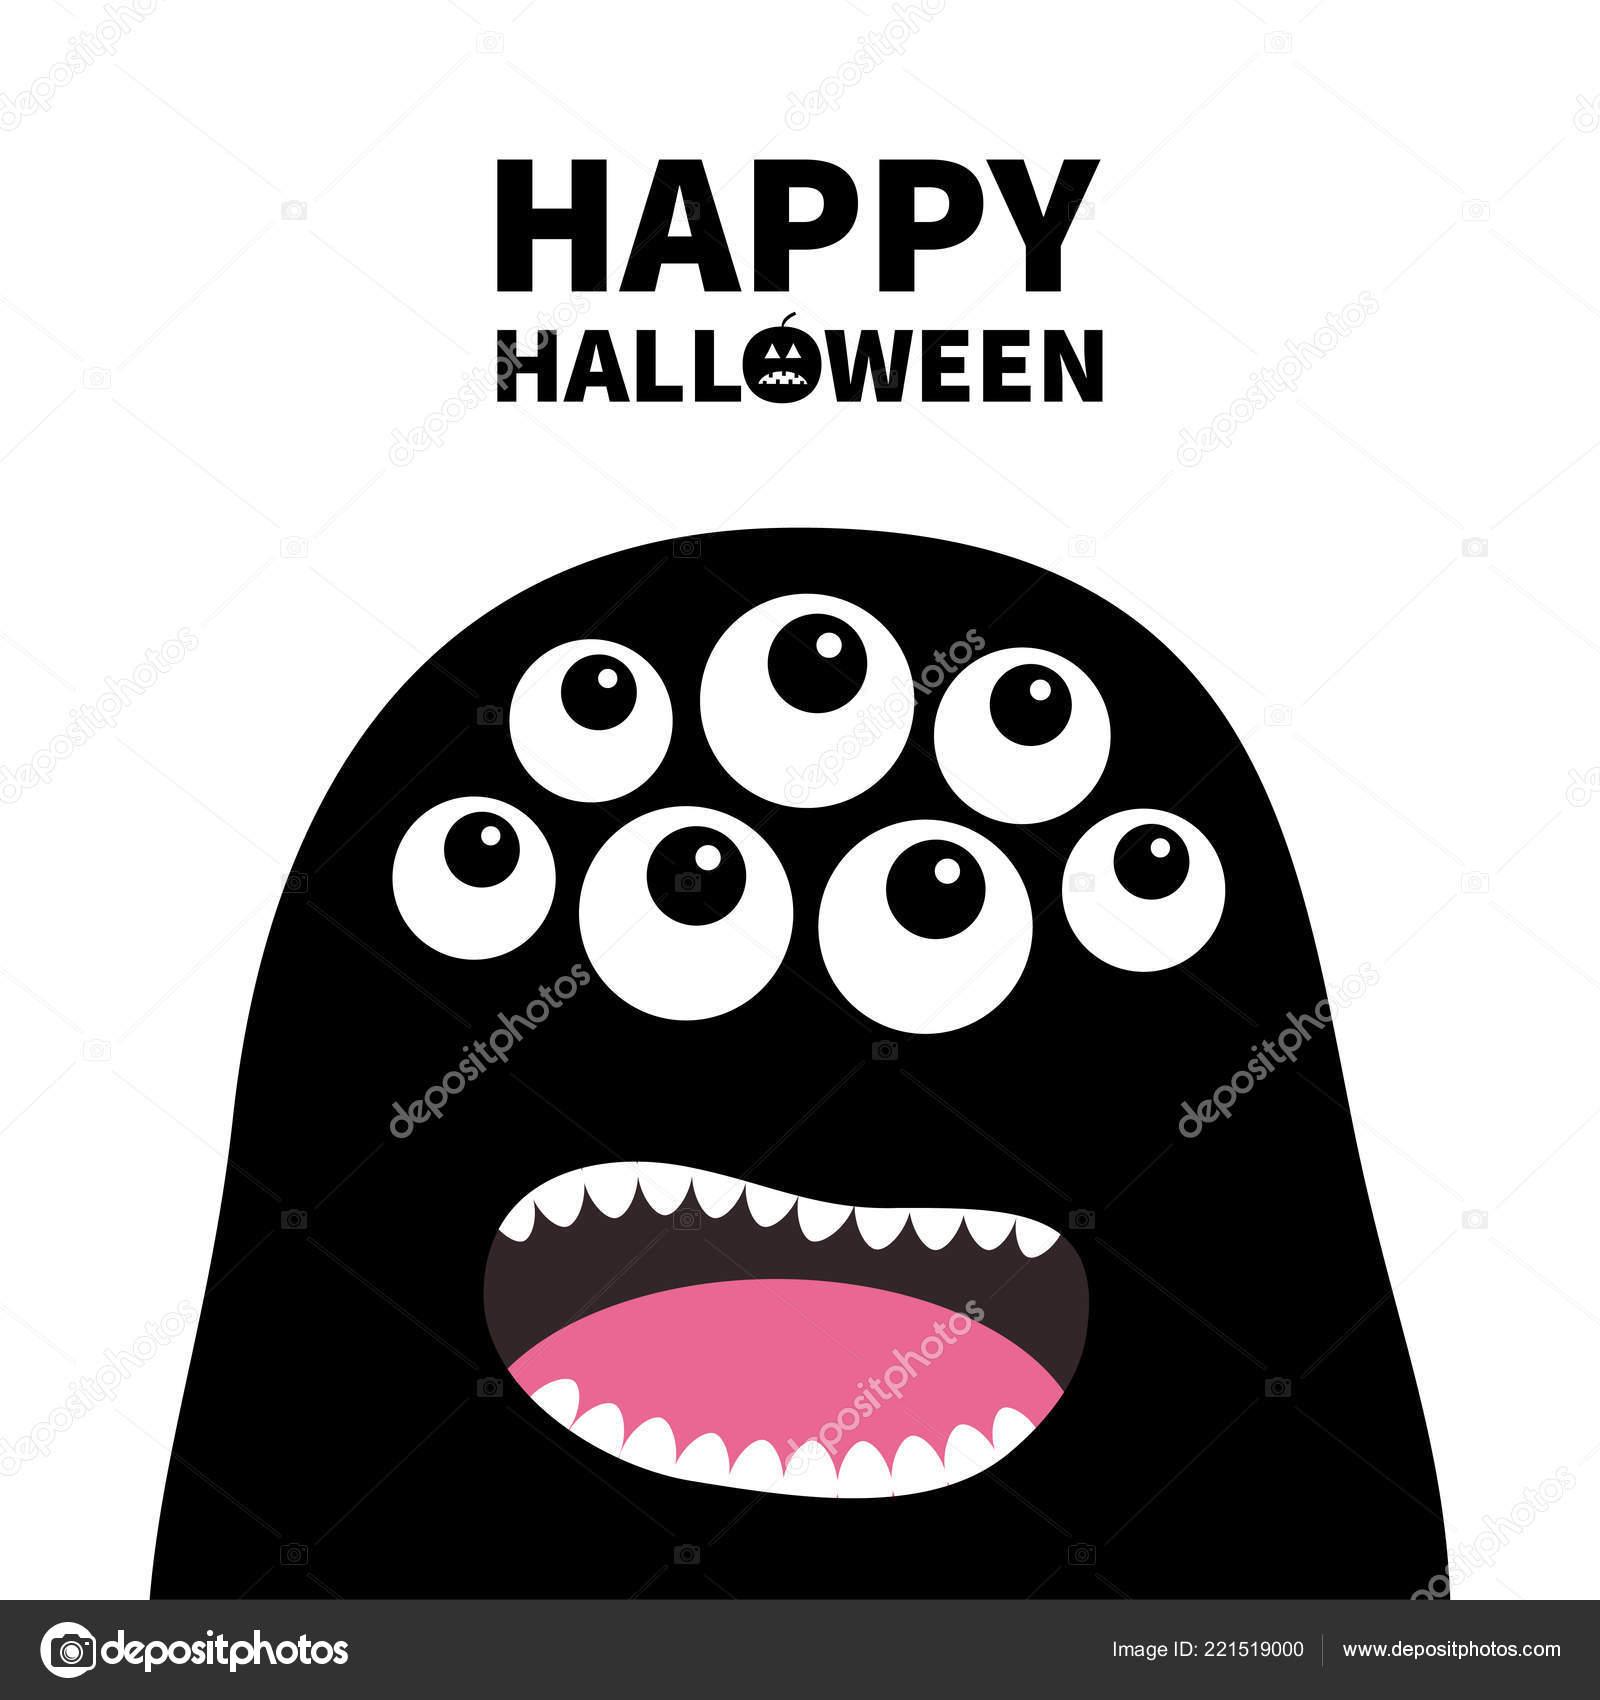 Fröhliches Halloween Schreiende Monster Kopf Silhouette Viele Augen